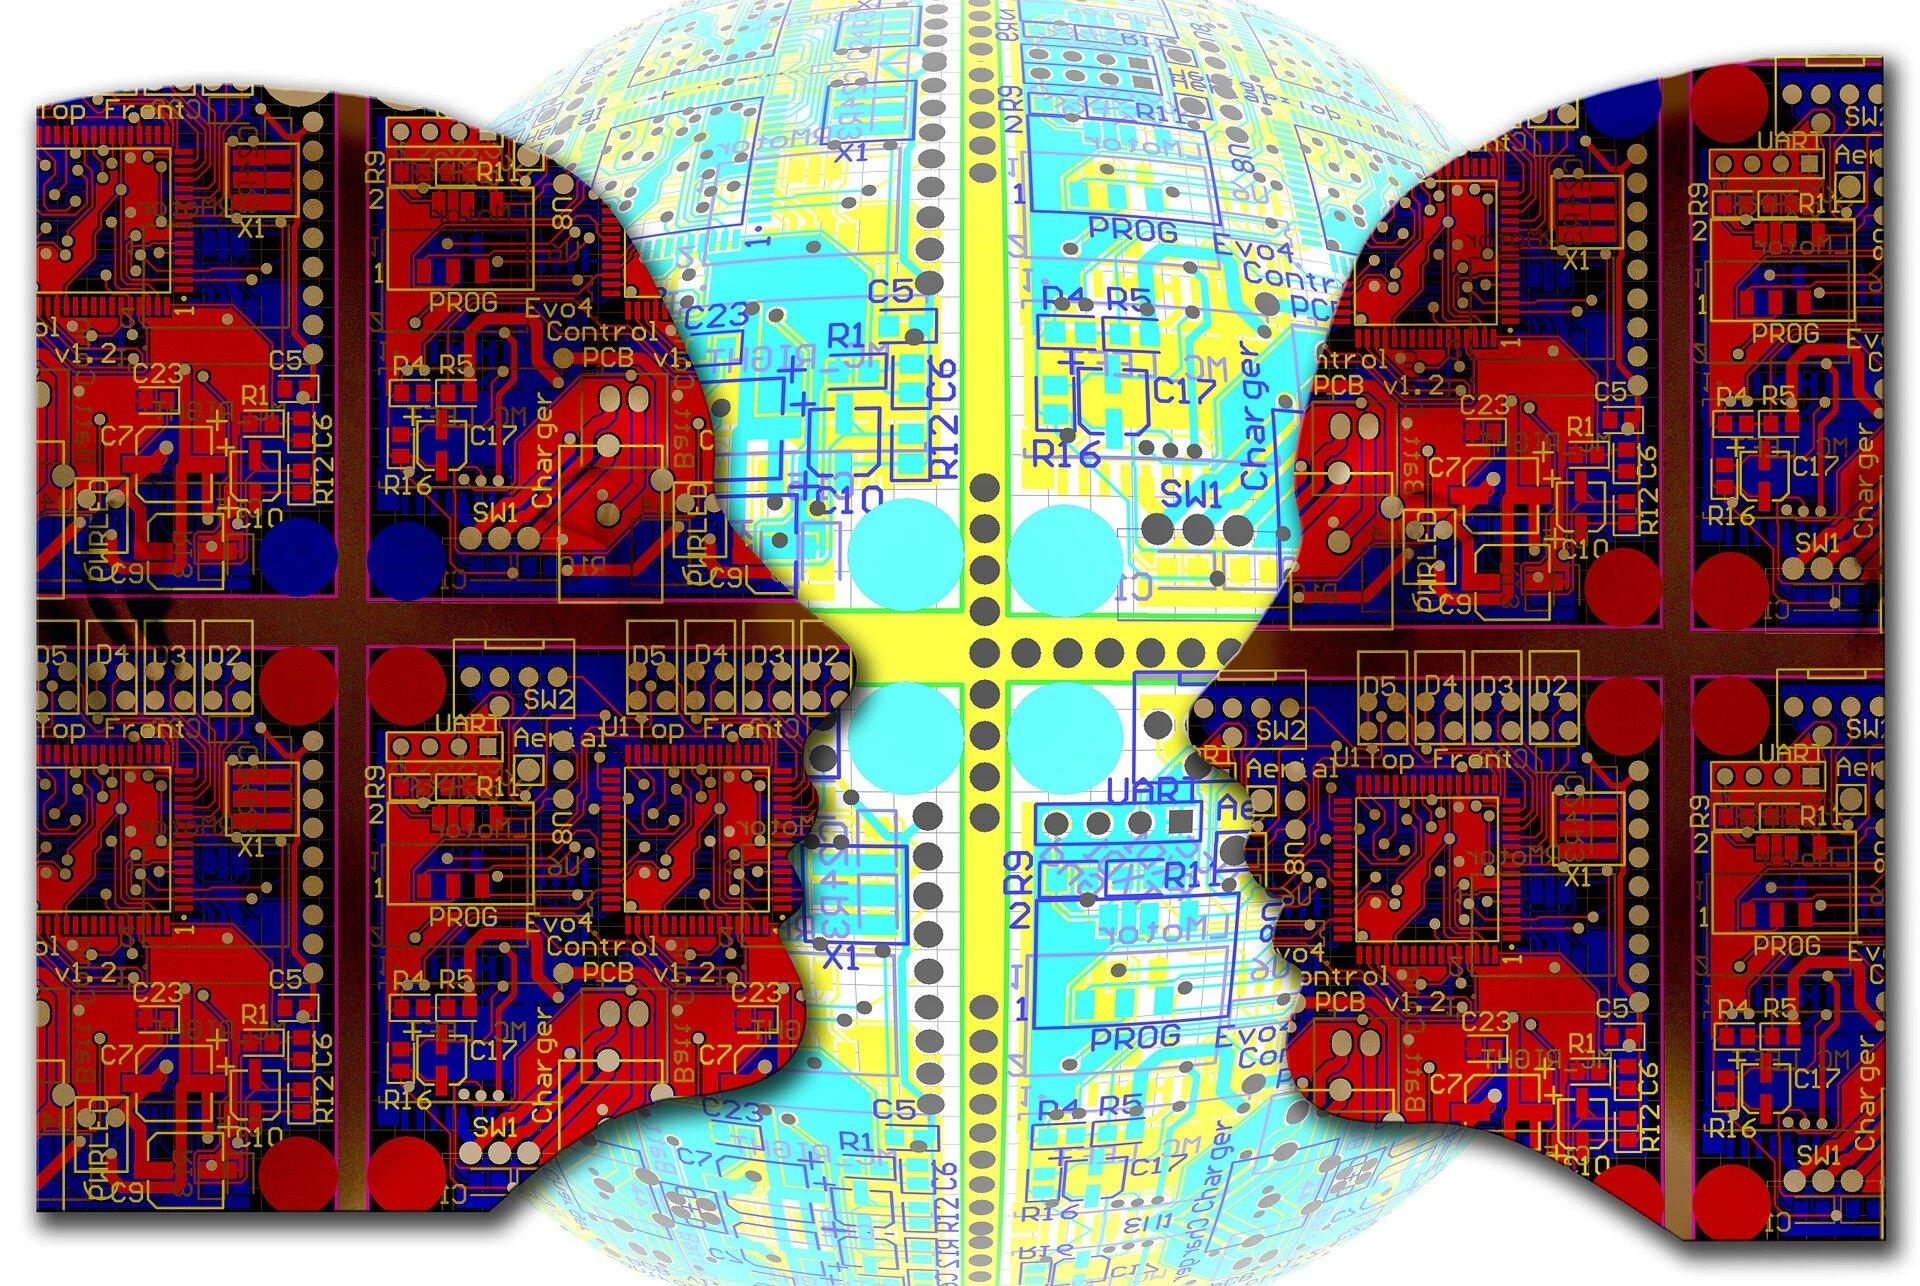 Brain nebula Źródło: www.pixabay.com, Brain nebula, grafika komputerowa, domena publiczna.